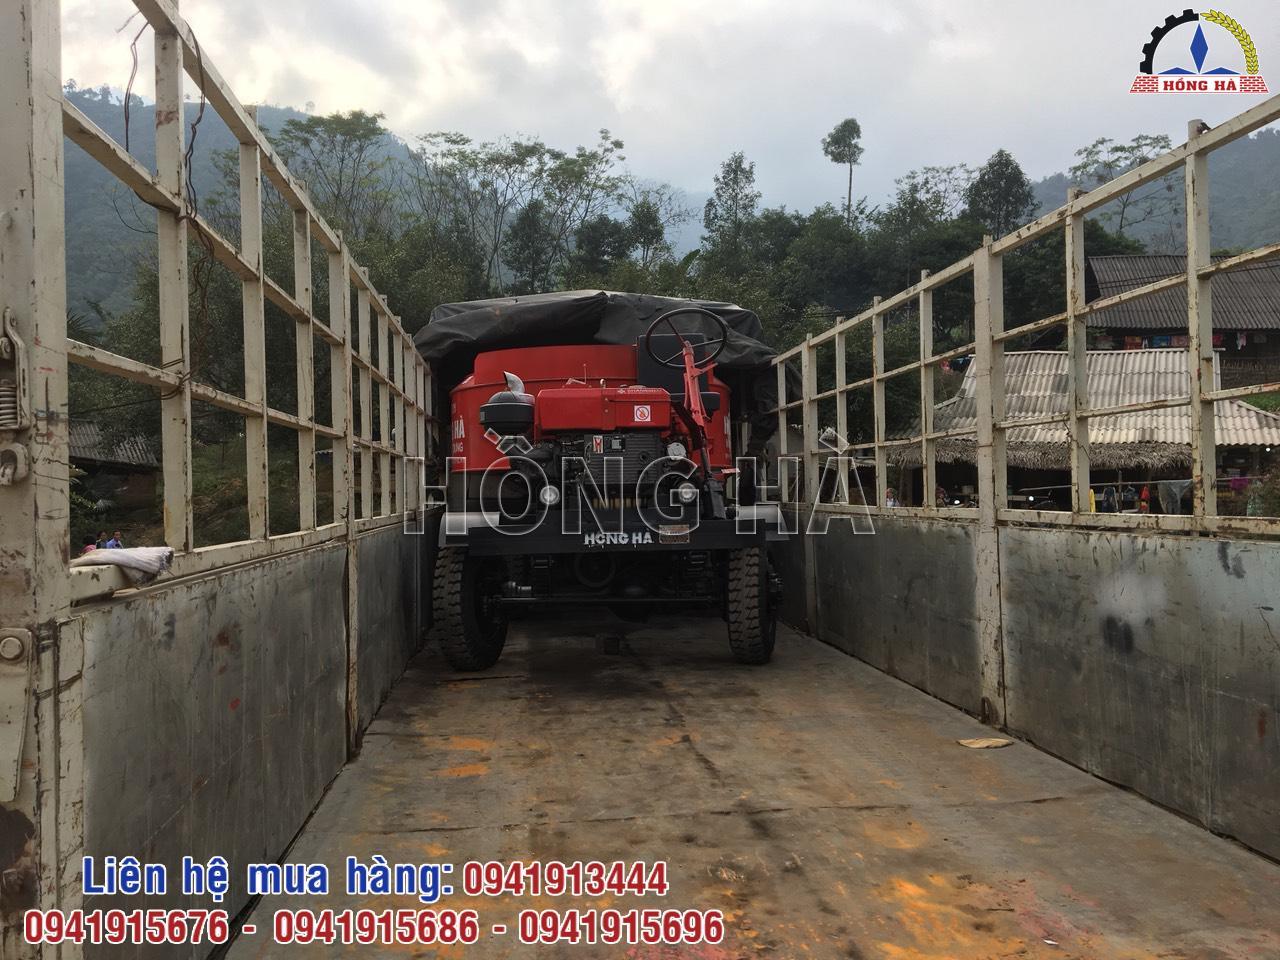 Giao nhanh Máy trộn tự hành 9 bao cho khách hàng tại Phú Thọ